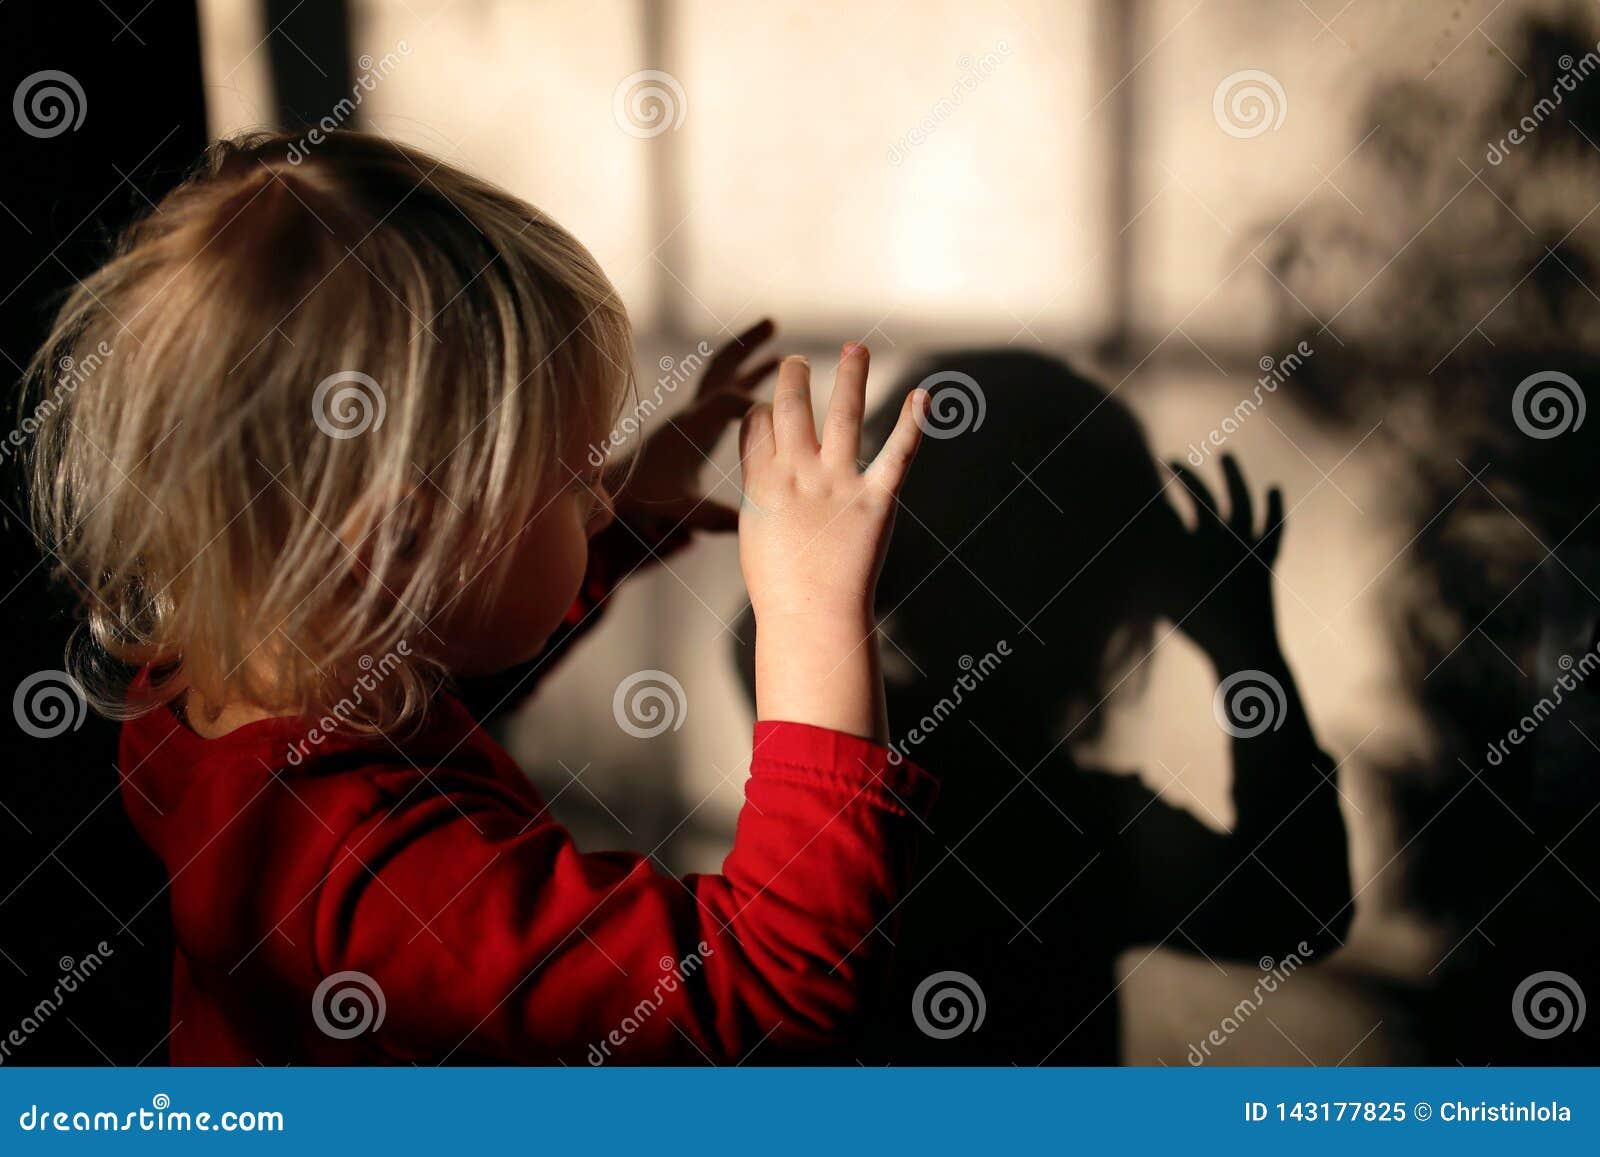 Kleinkind, das Schatten-Marionetten mit den Fingern auf der Wand ihres Hauses macht